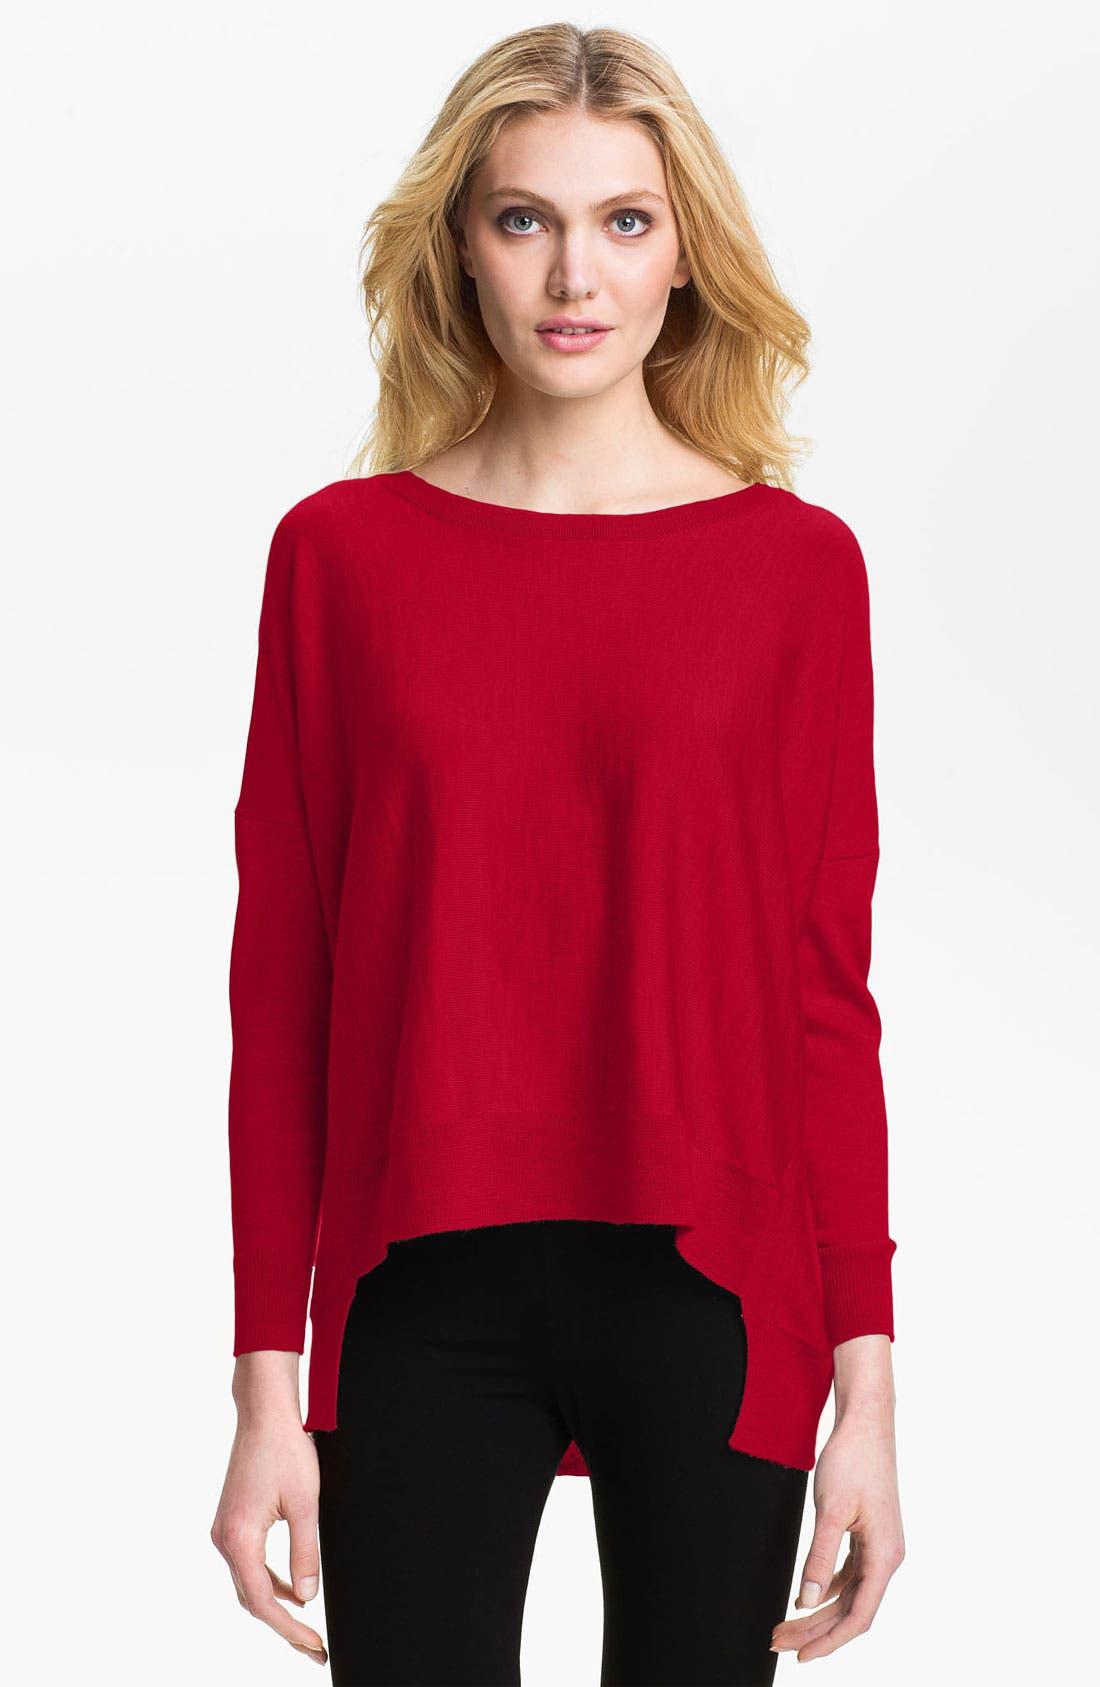 Alternate Image 1 Selected - Eileen Fisher Ballet Neck Merino Sweater (Regular & Petite)